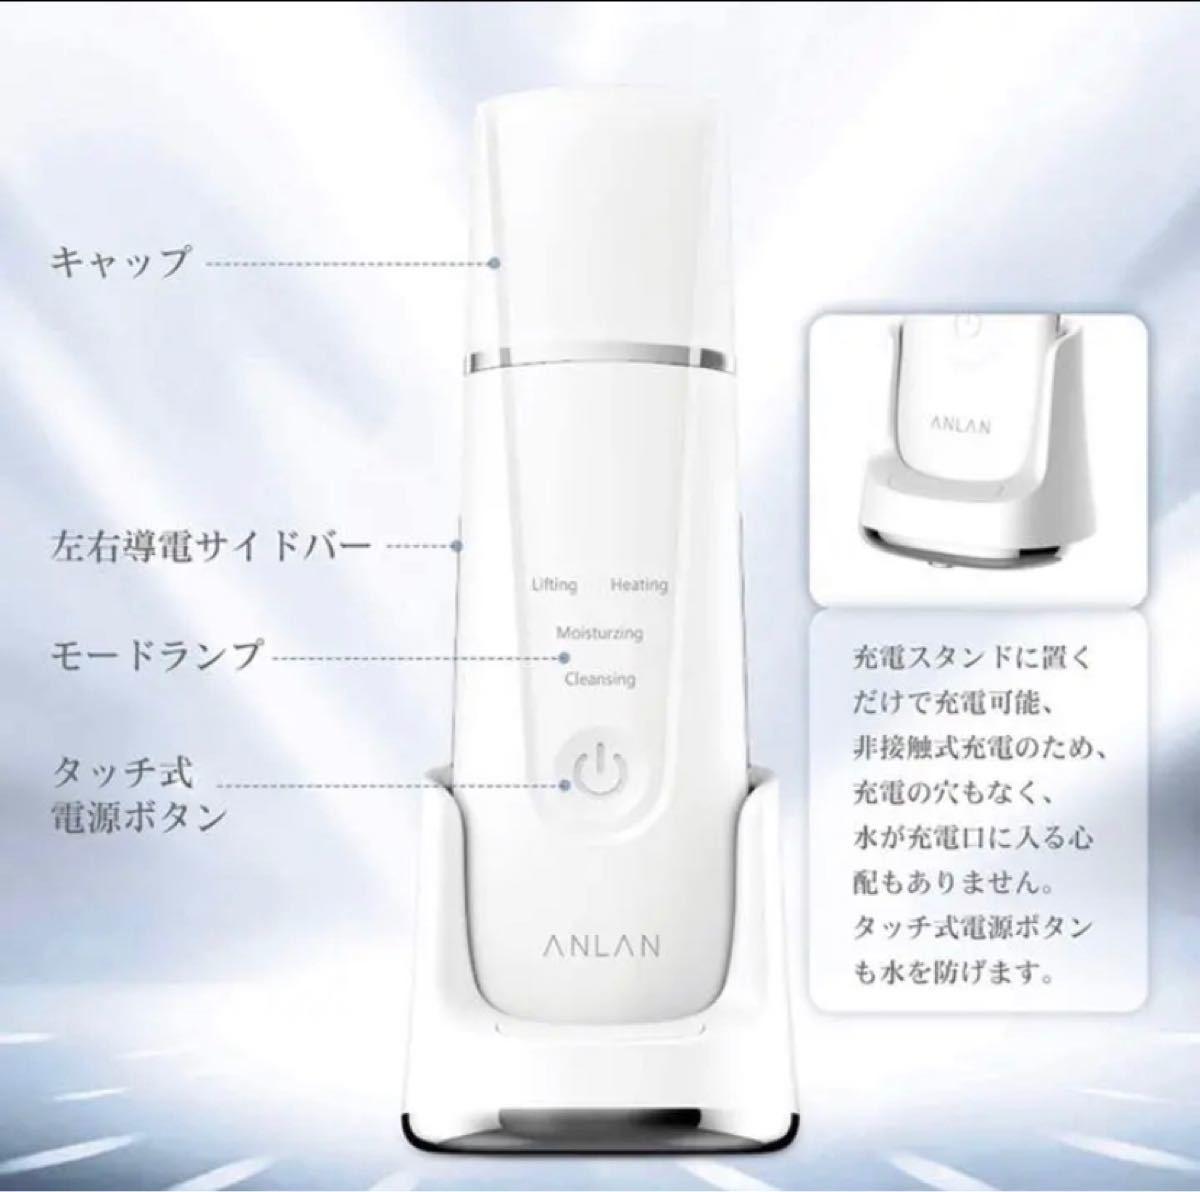 1台4役 ウォーターピーリング 美顔器 超音波 充電スタンド付 毛穴ケア フェイスケア毛穴洗浄 温熱ケア  イオン導入